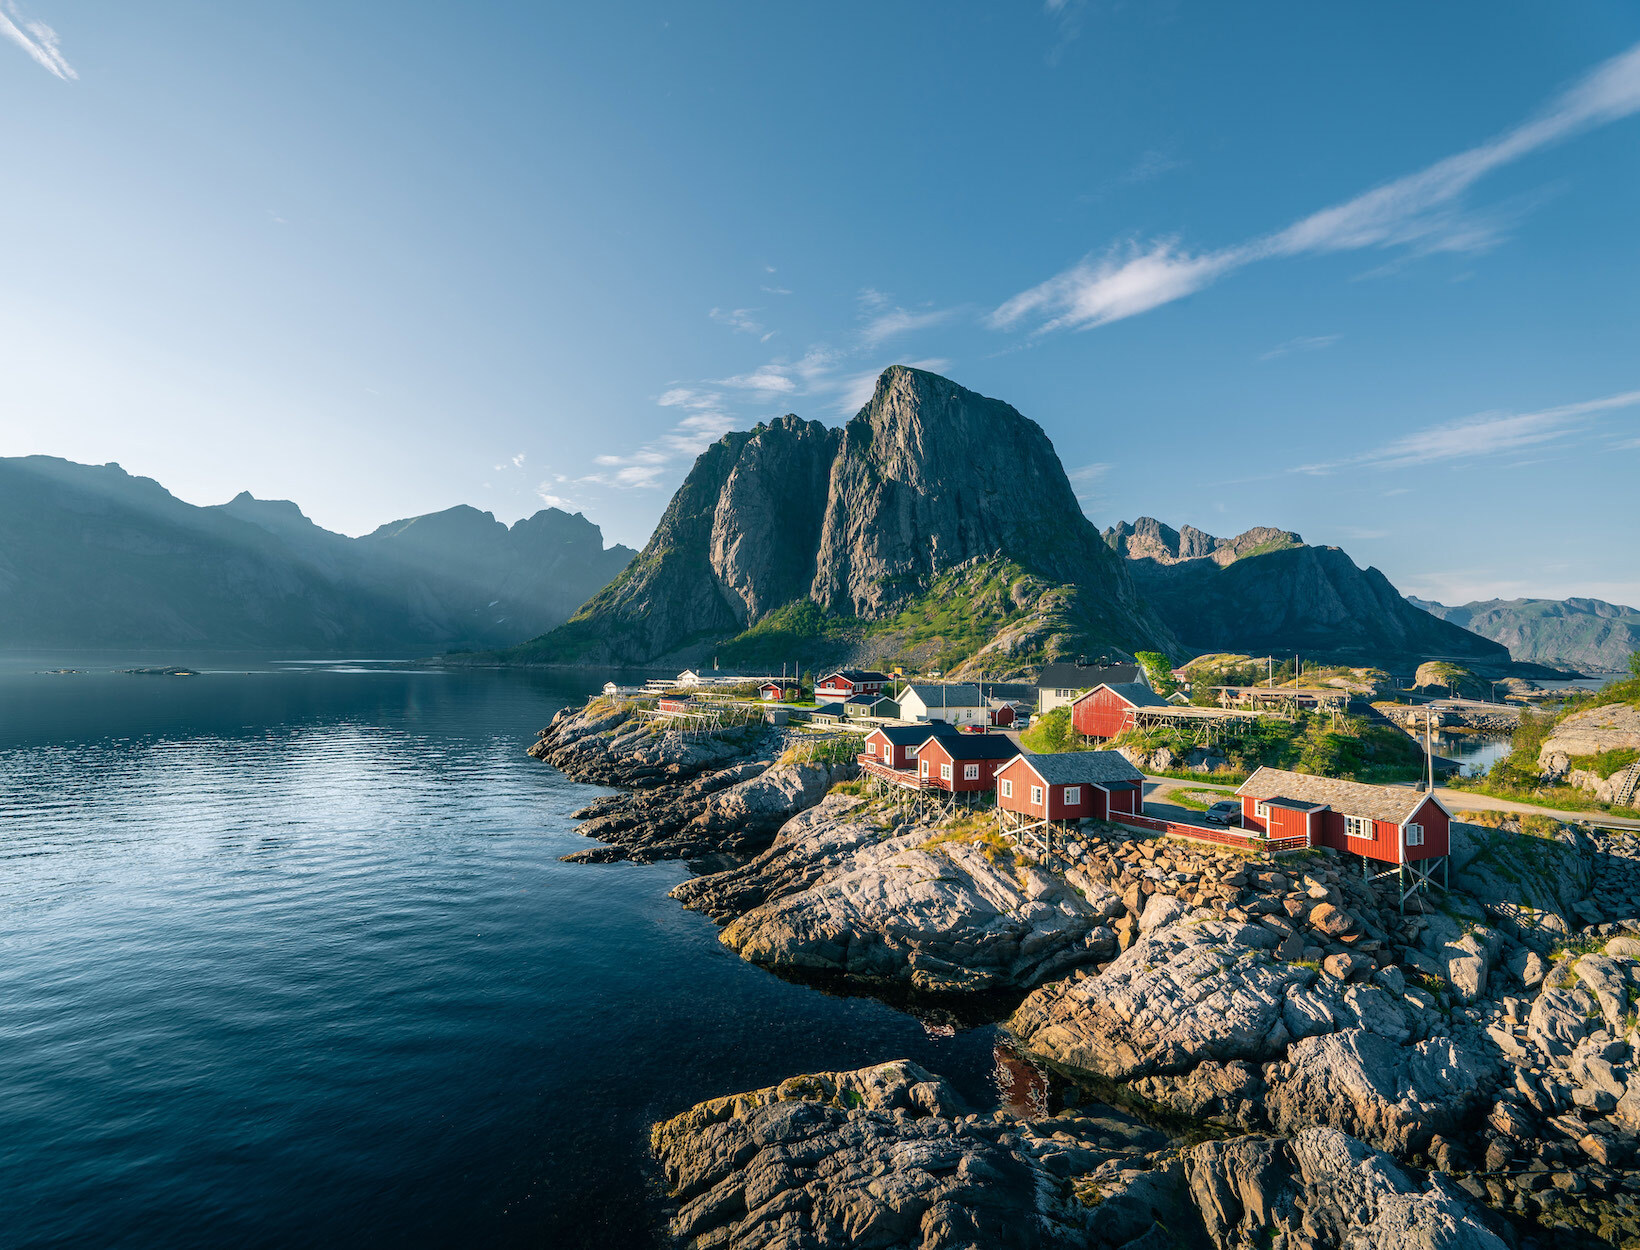 Lofoten Islands<br><em> Norway</em>